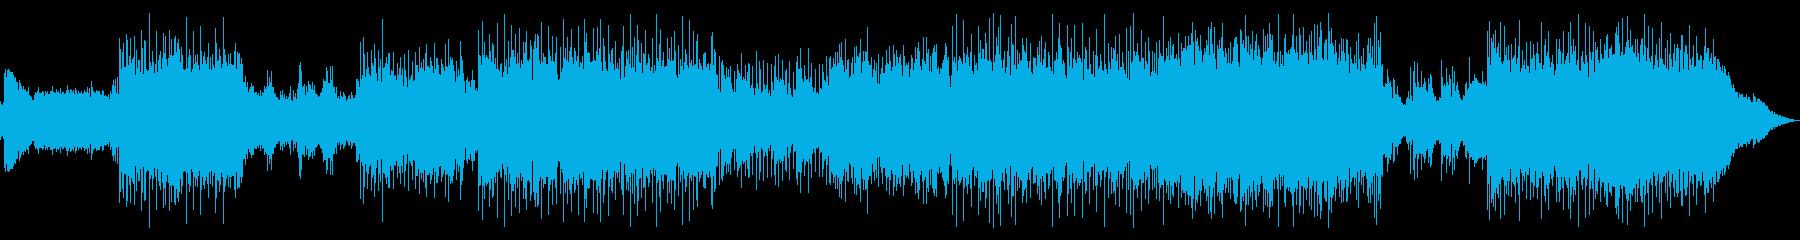 女性Voの激しいギターロックサウンドの再生済みの波形